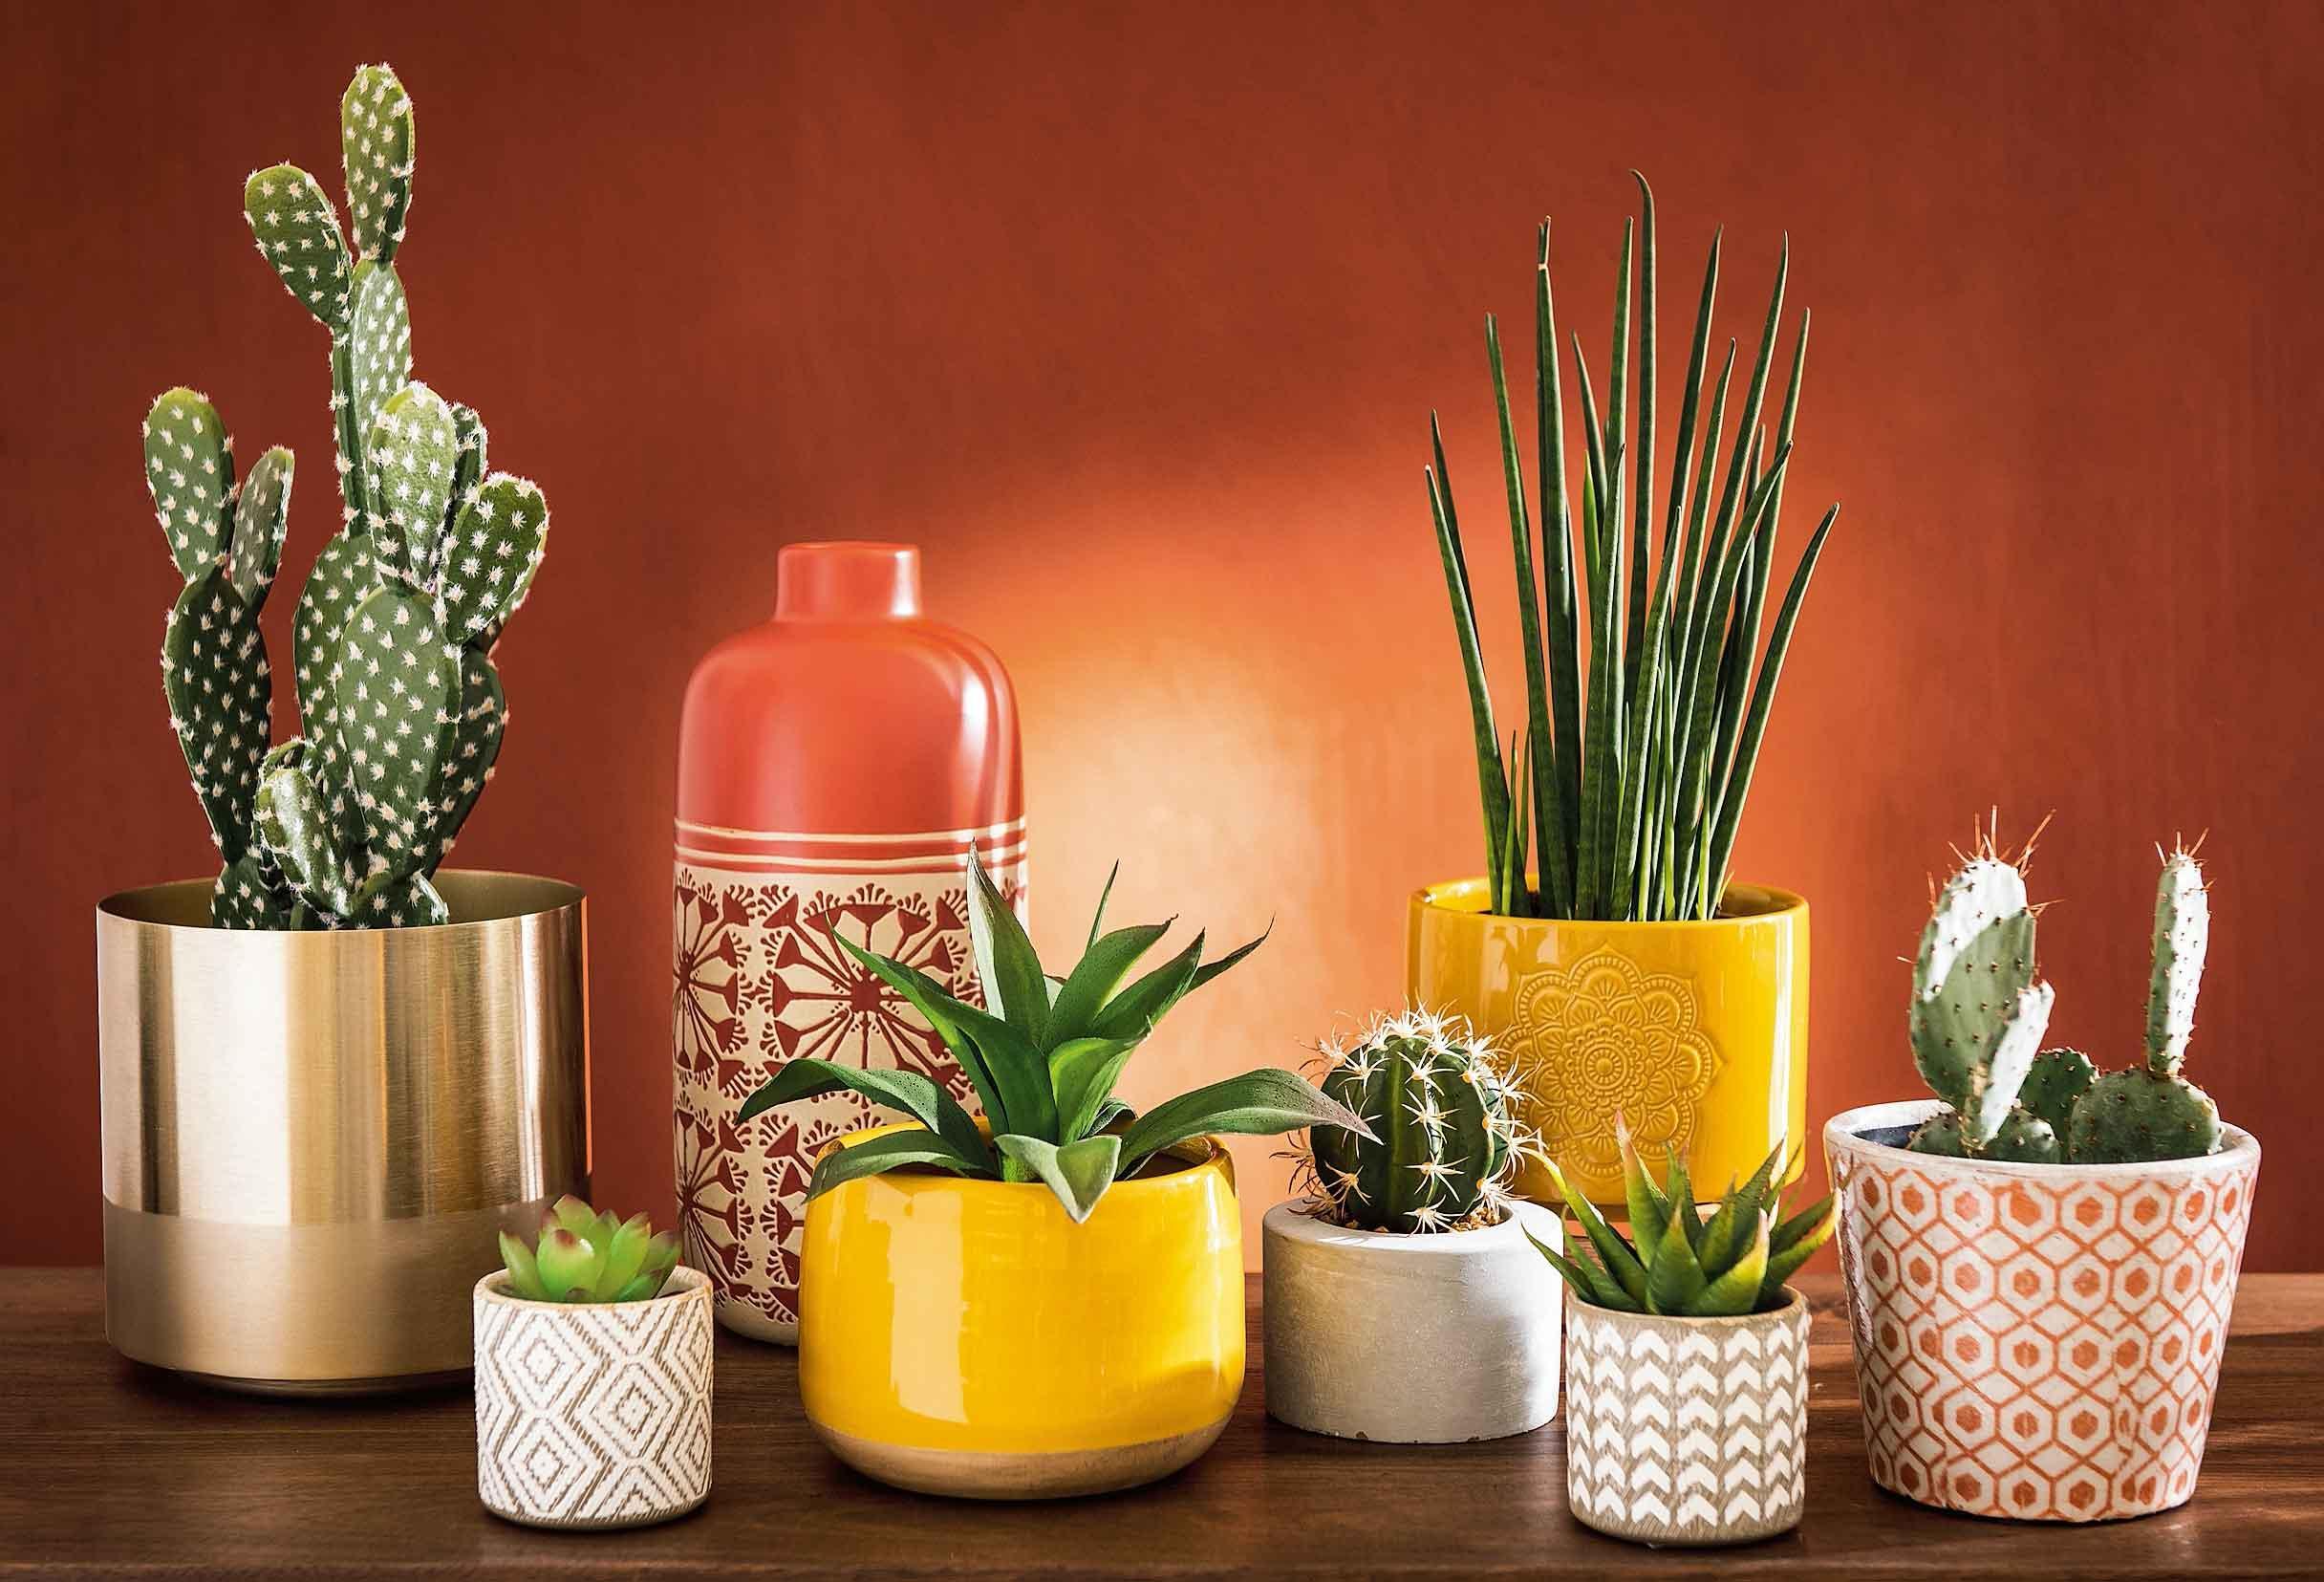 Idee Per Vasi Da Fiori portavasi per le piante in casa: idee per arredare interni